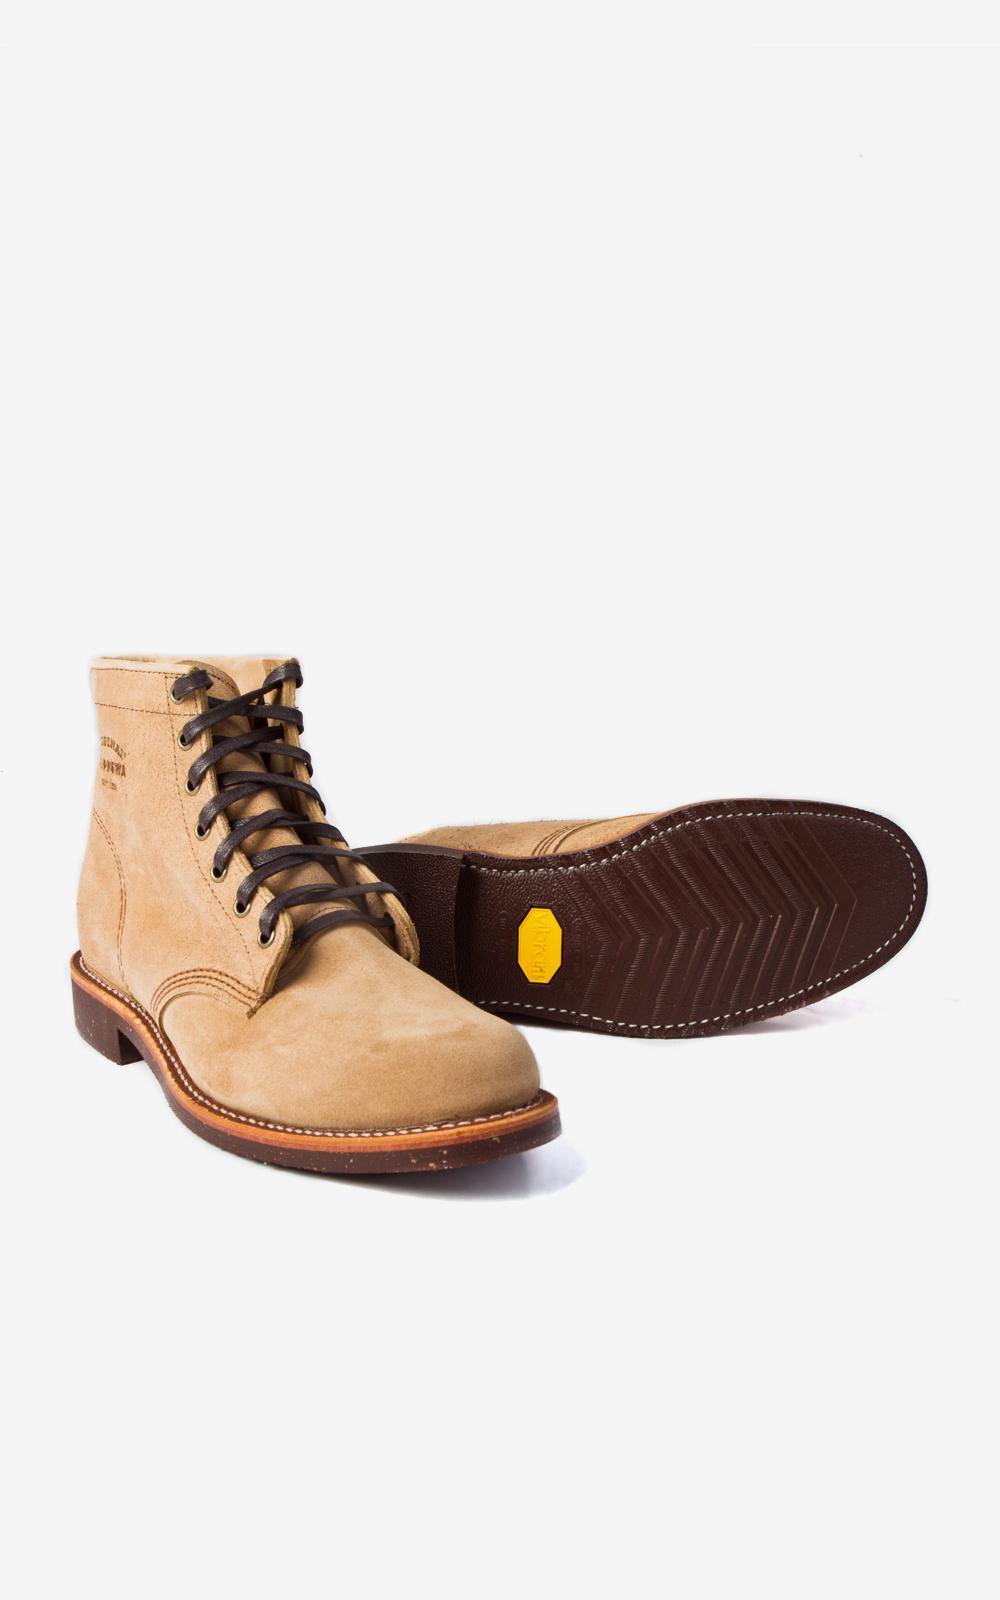 da390d5b8f681 Lyst - Chippewa Boots Chippewa 6